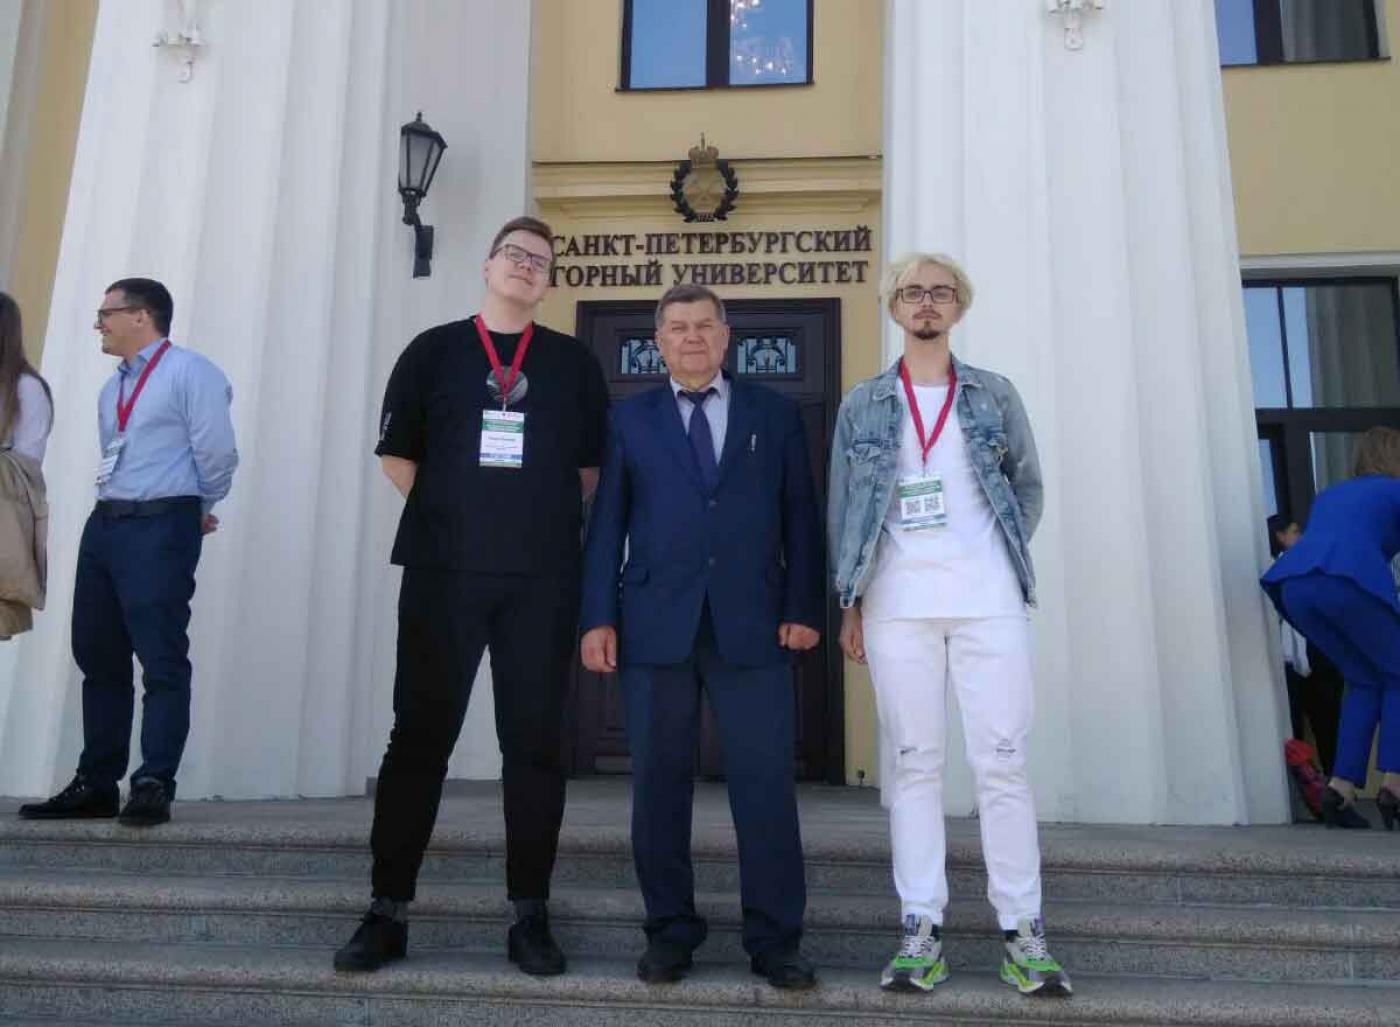 Представители ФЭС на Международном форуме-конкурсе студентов и молодых ученых в Санкт-Петербургском горном университете